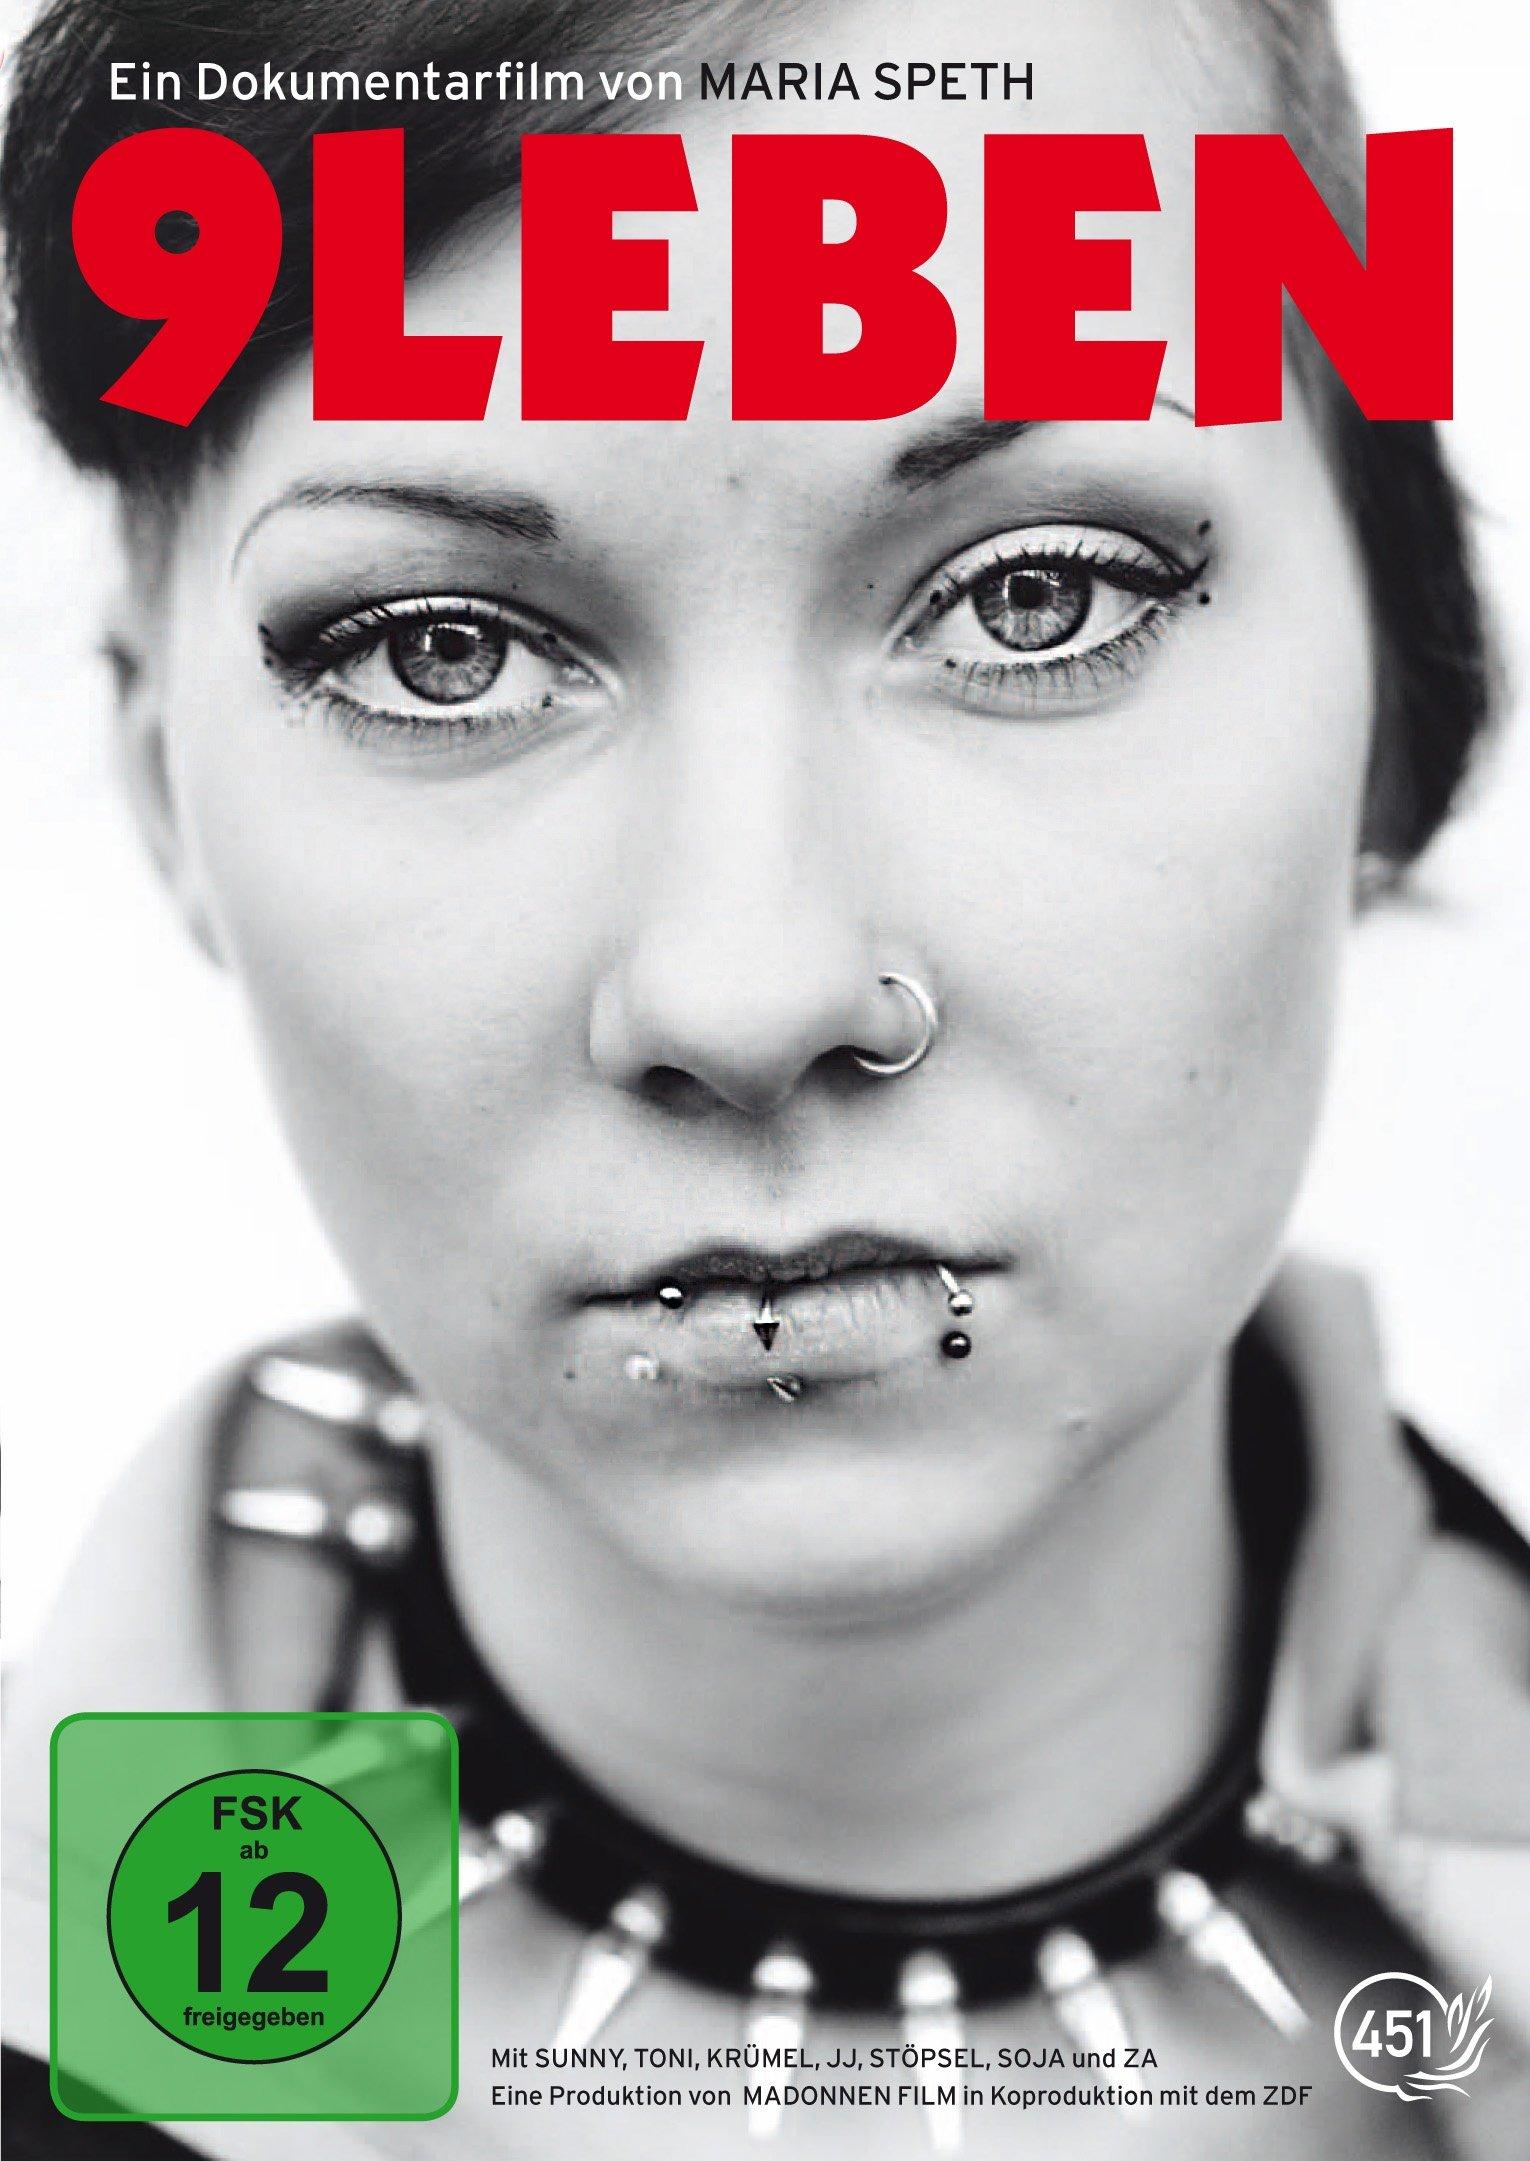 9 Leben  © Peripher Filmverleih GmbH